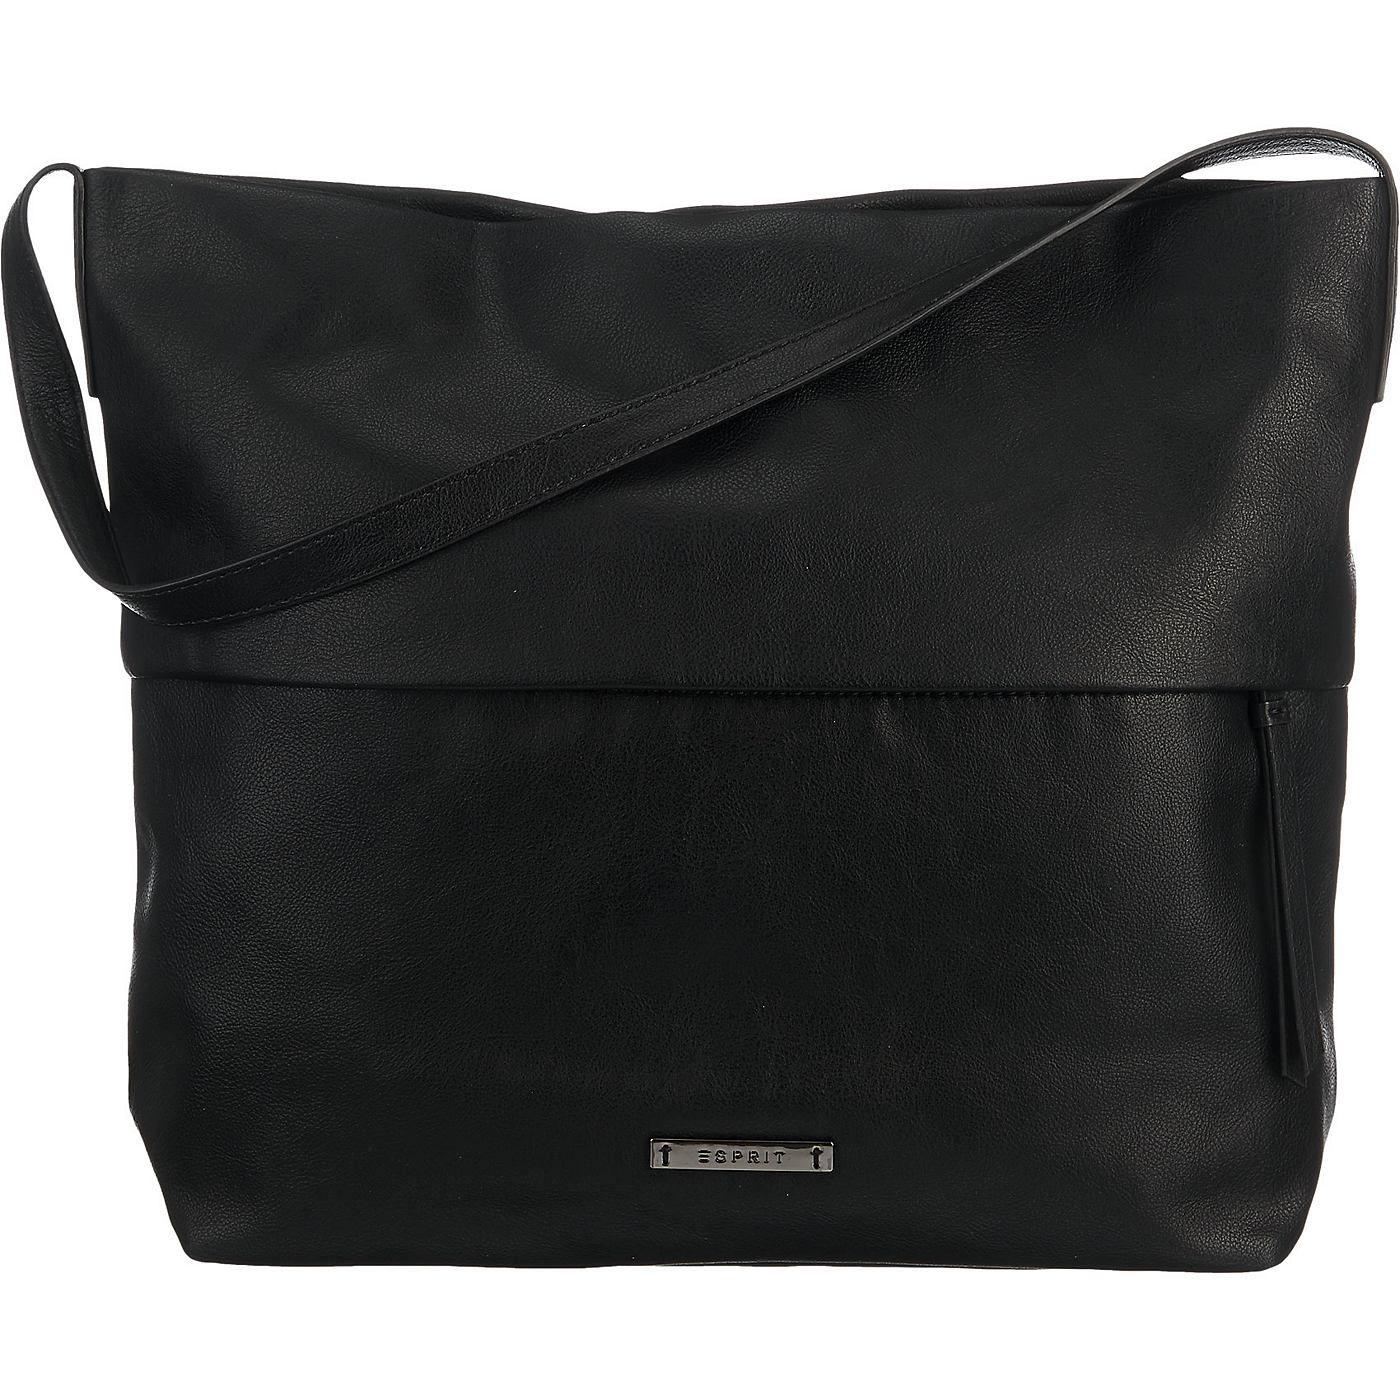 Diese ESPRIT Handtasche ist klassisch-elegant gestaltet. Unter der Blende befindet sich ein praktisches Außenfach.  - Verschluss: Reißverschluss - 1 Hauptfach - 3 Innenfächer - Maße: 34 x 34 x 11 cm (BxHxT)  Obermaterial: Sonstiges Material (Kunstleder) Futter: Textil ...